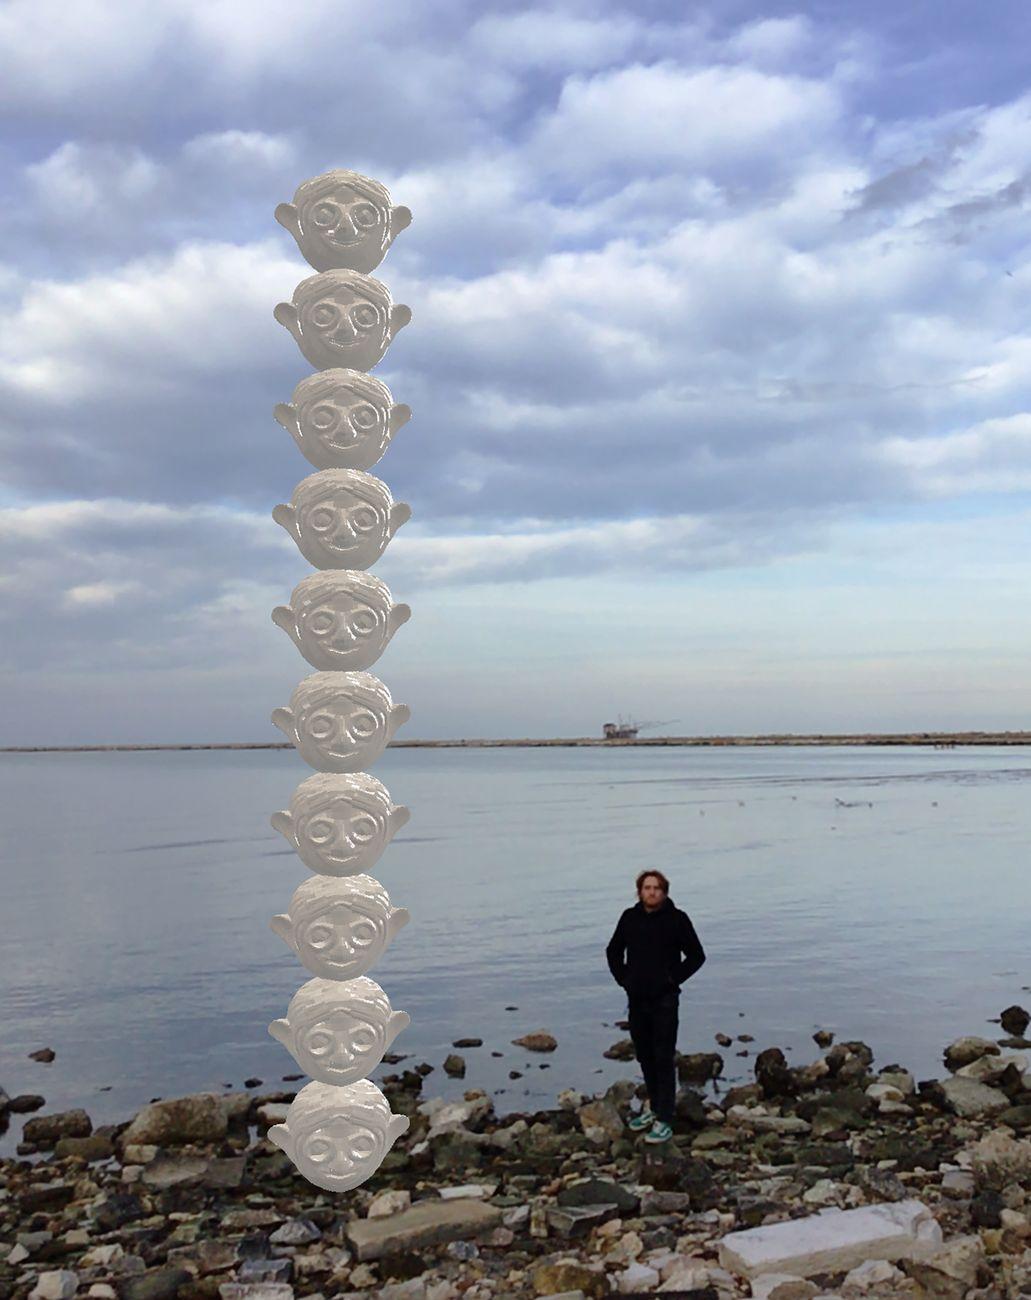 Raffaele Fiorella, Sculture da mare, 2021, progetto sperimentale in Realtà Aumentata